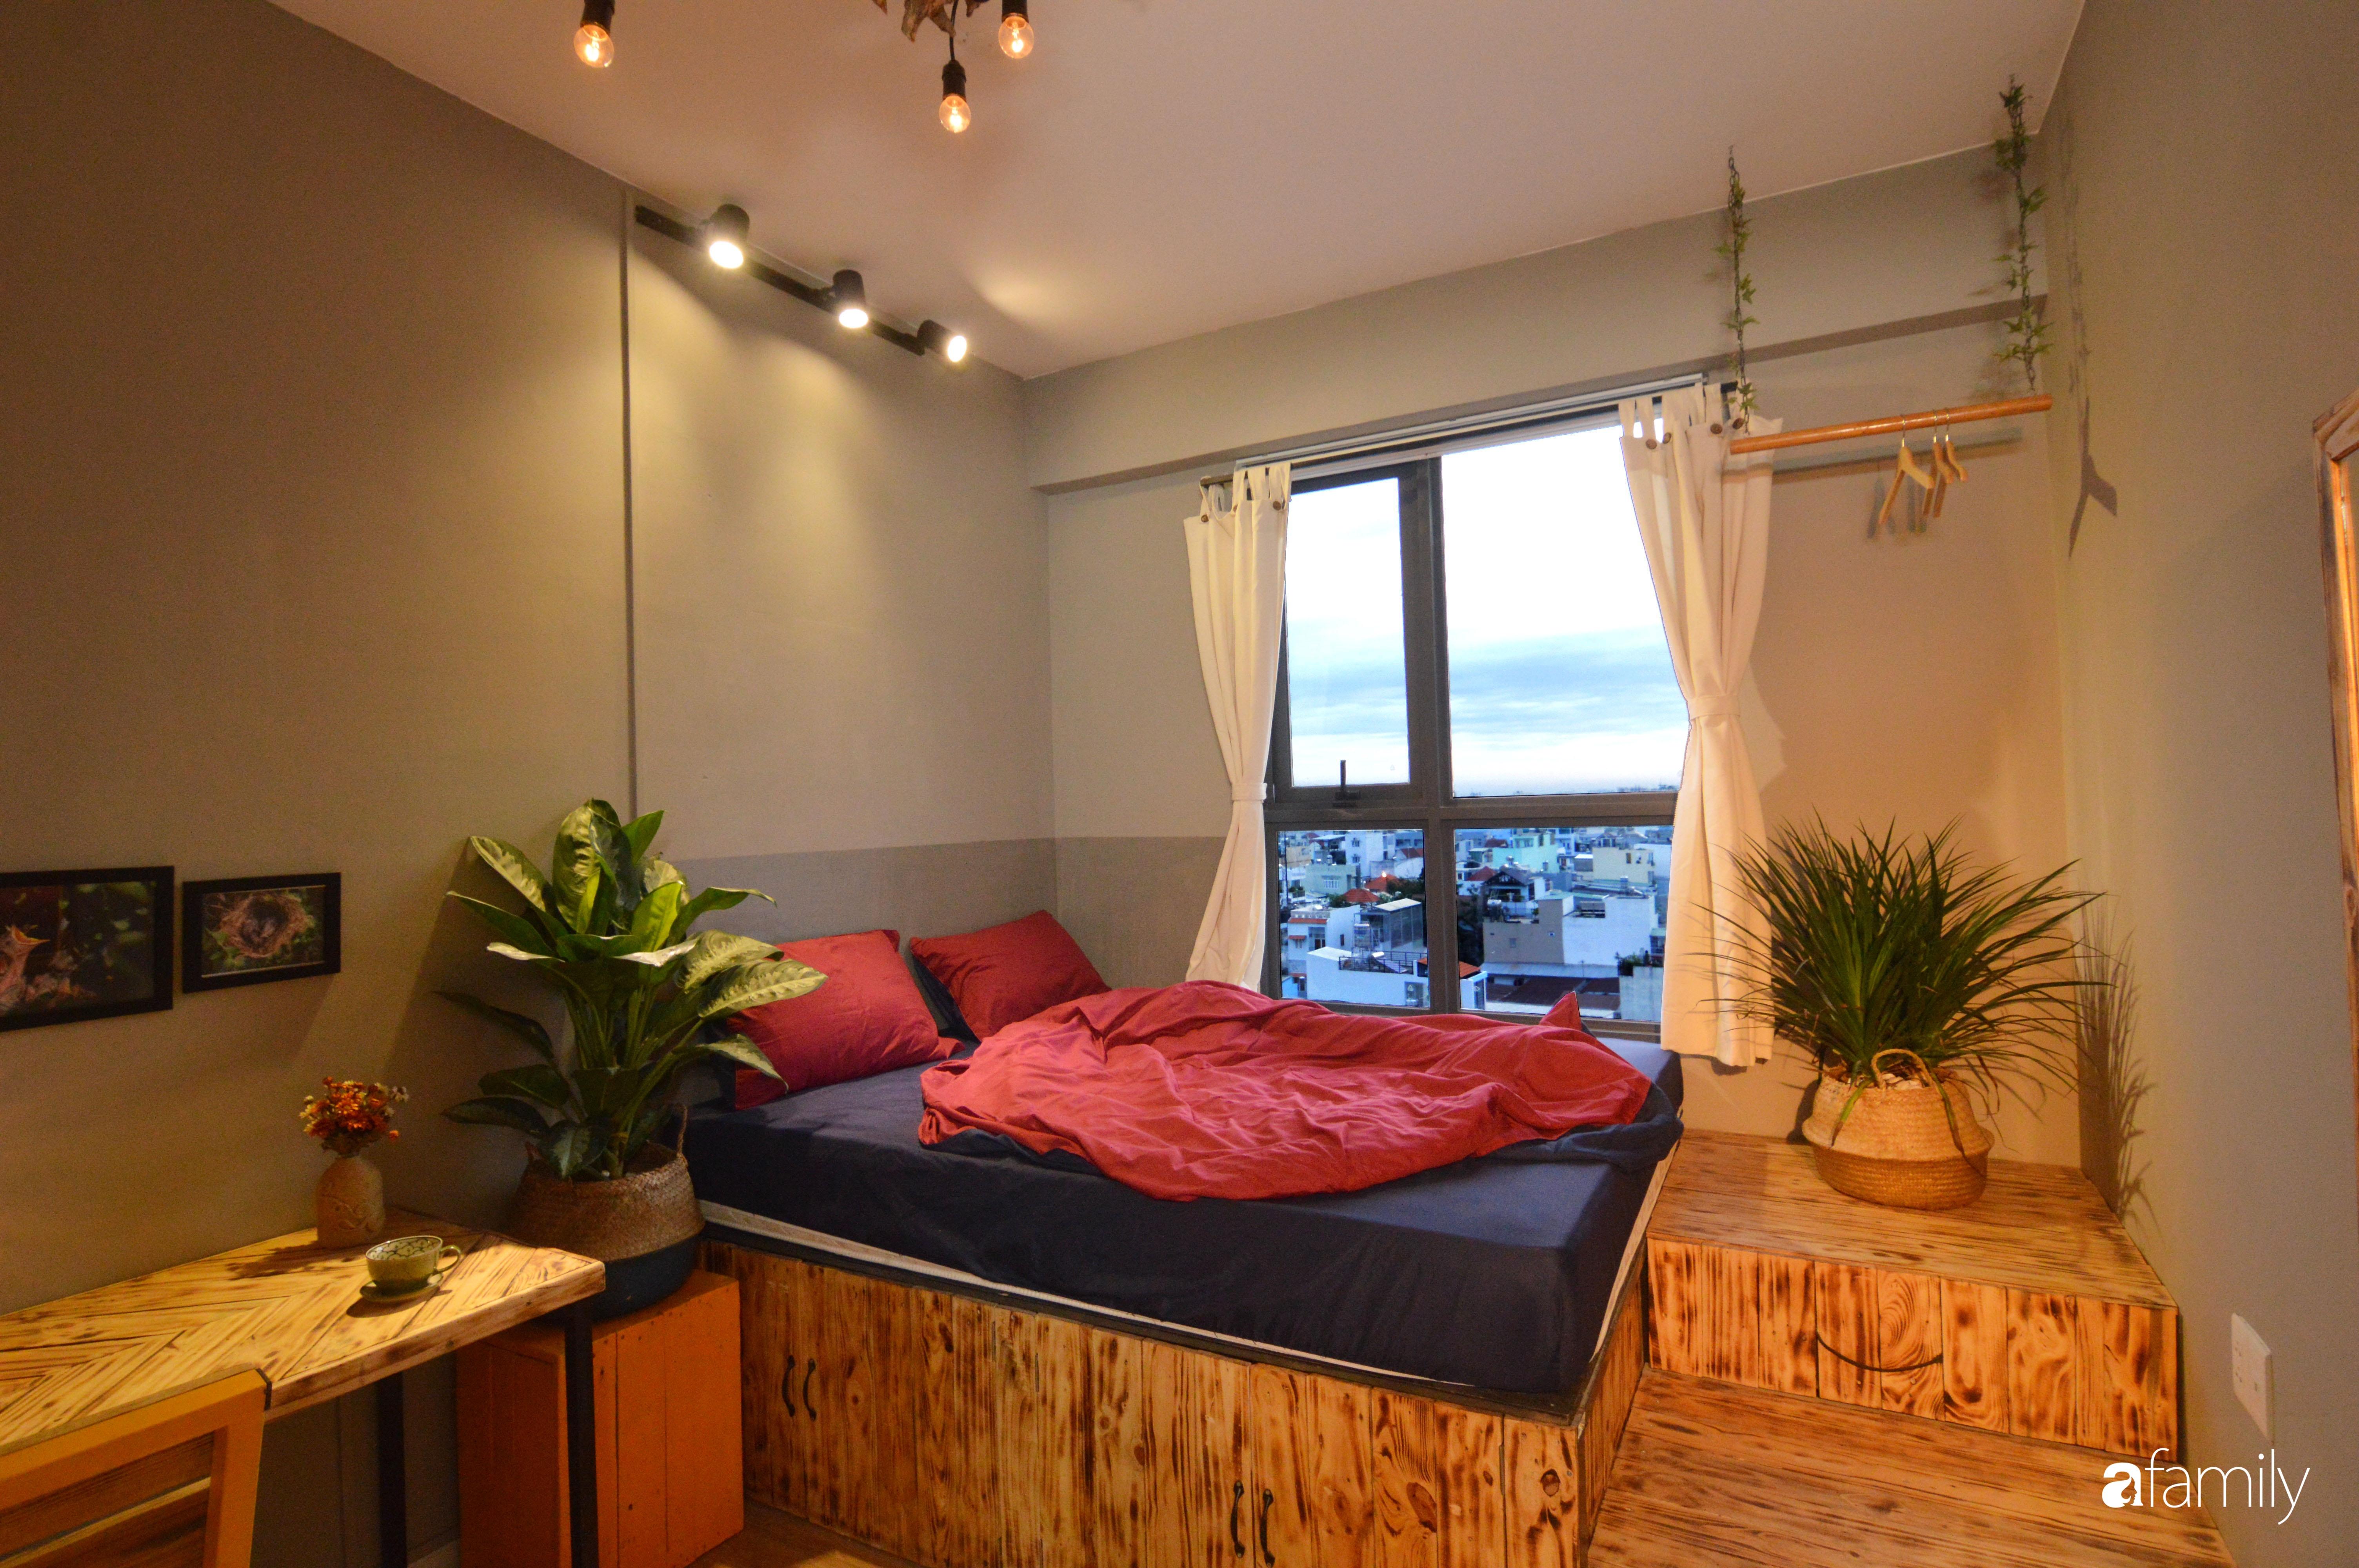 Tự phá bỏ các quy tắc décor thông thường, căn hộ Quận 7 của diễn viên Linh Sơn đẹp cá tính với điểm nhấn sắc đỏ nồng nàn - Ảnh 15.